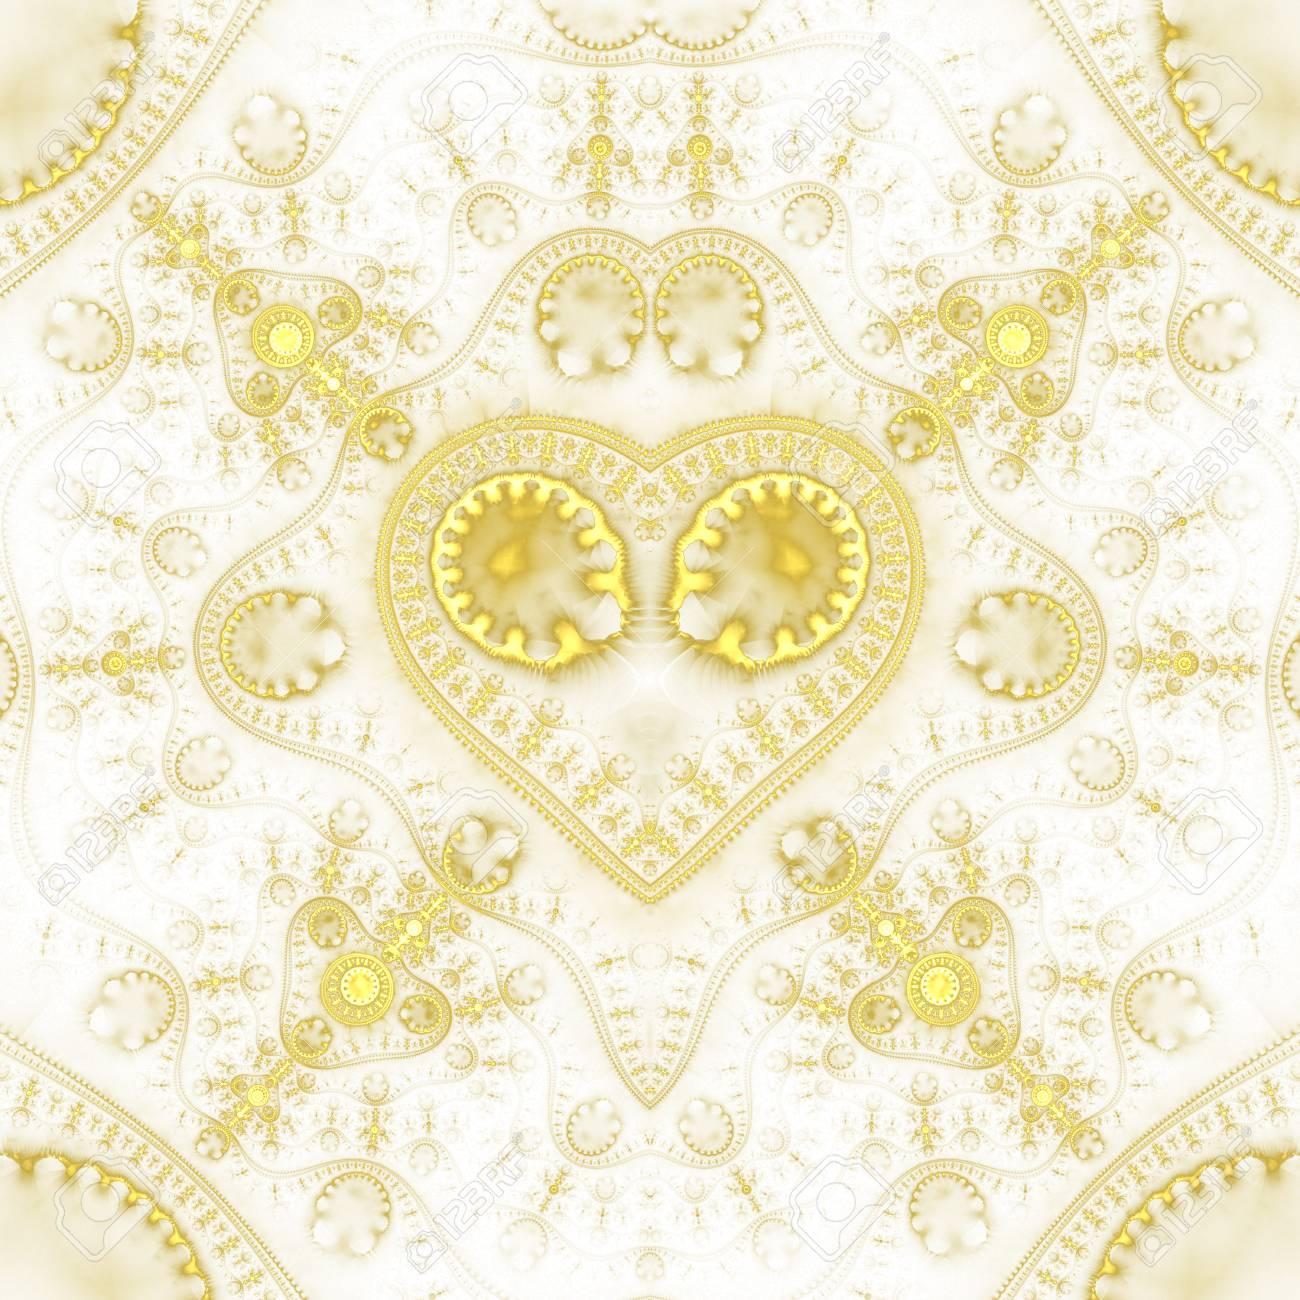 Coeur Steampunk résumé orné de coeur steampunk. fond décoratif géométrique détaillé